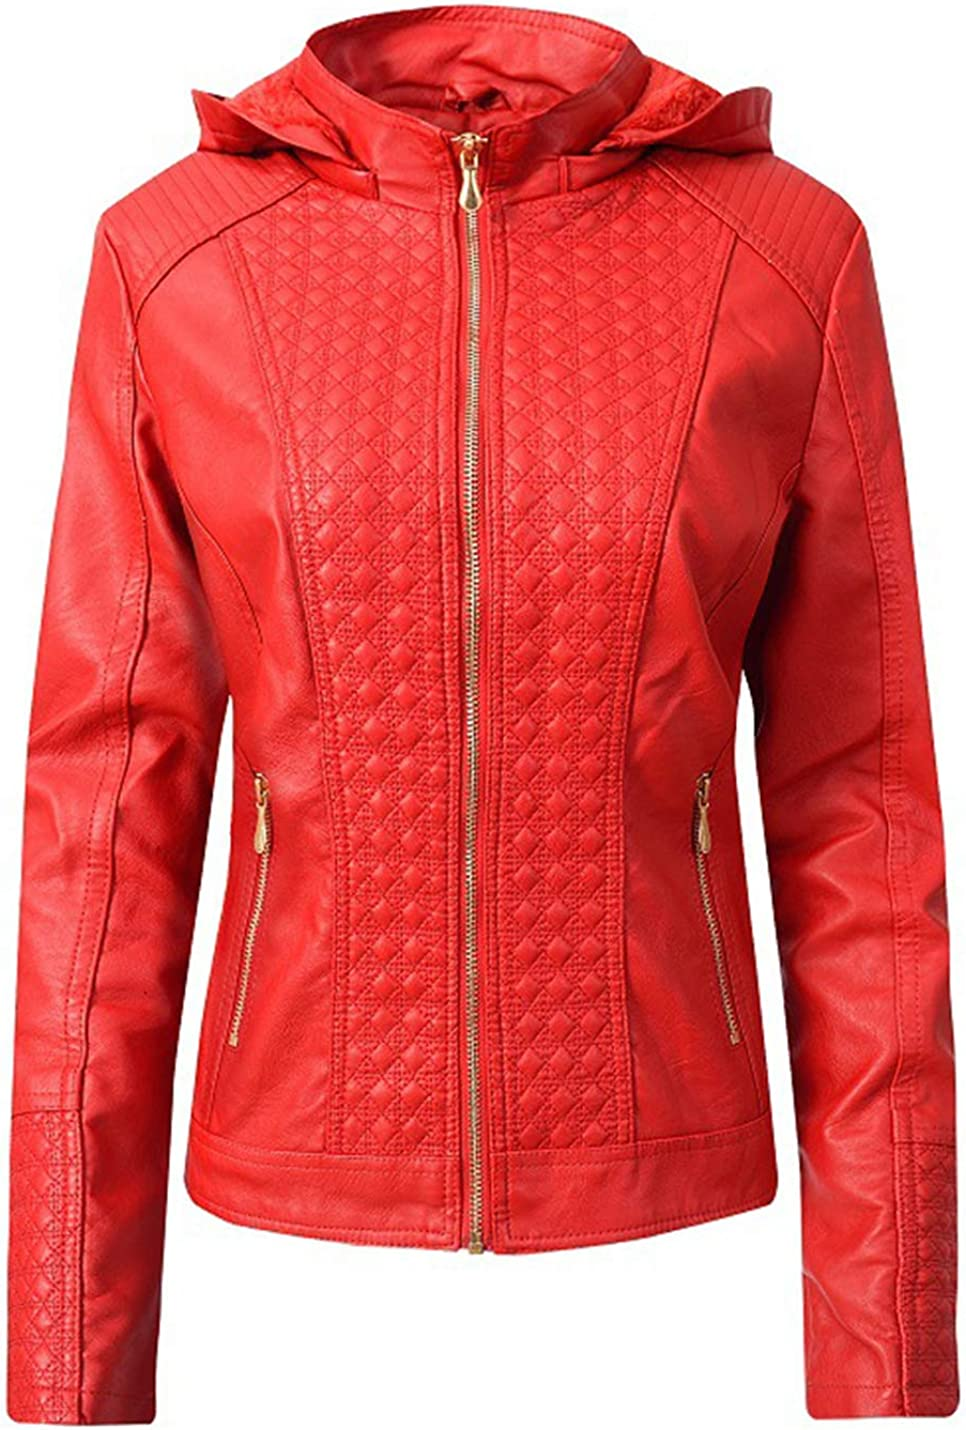 PAODIKUAI Women's Slim Fit Fleece Lined Warm Detachable Hood Faux Pu Leather Moto Biker Jacket for Winter